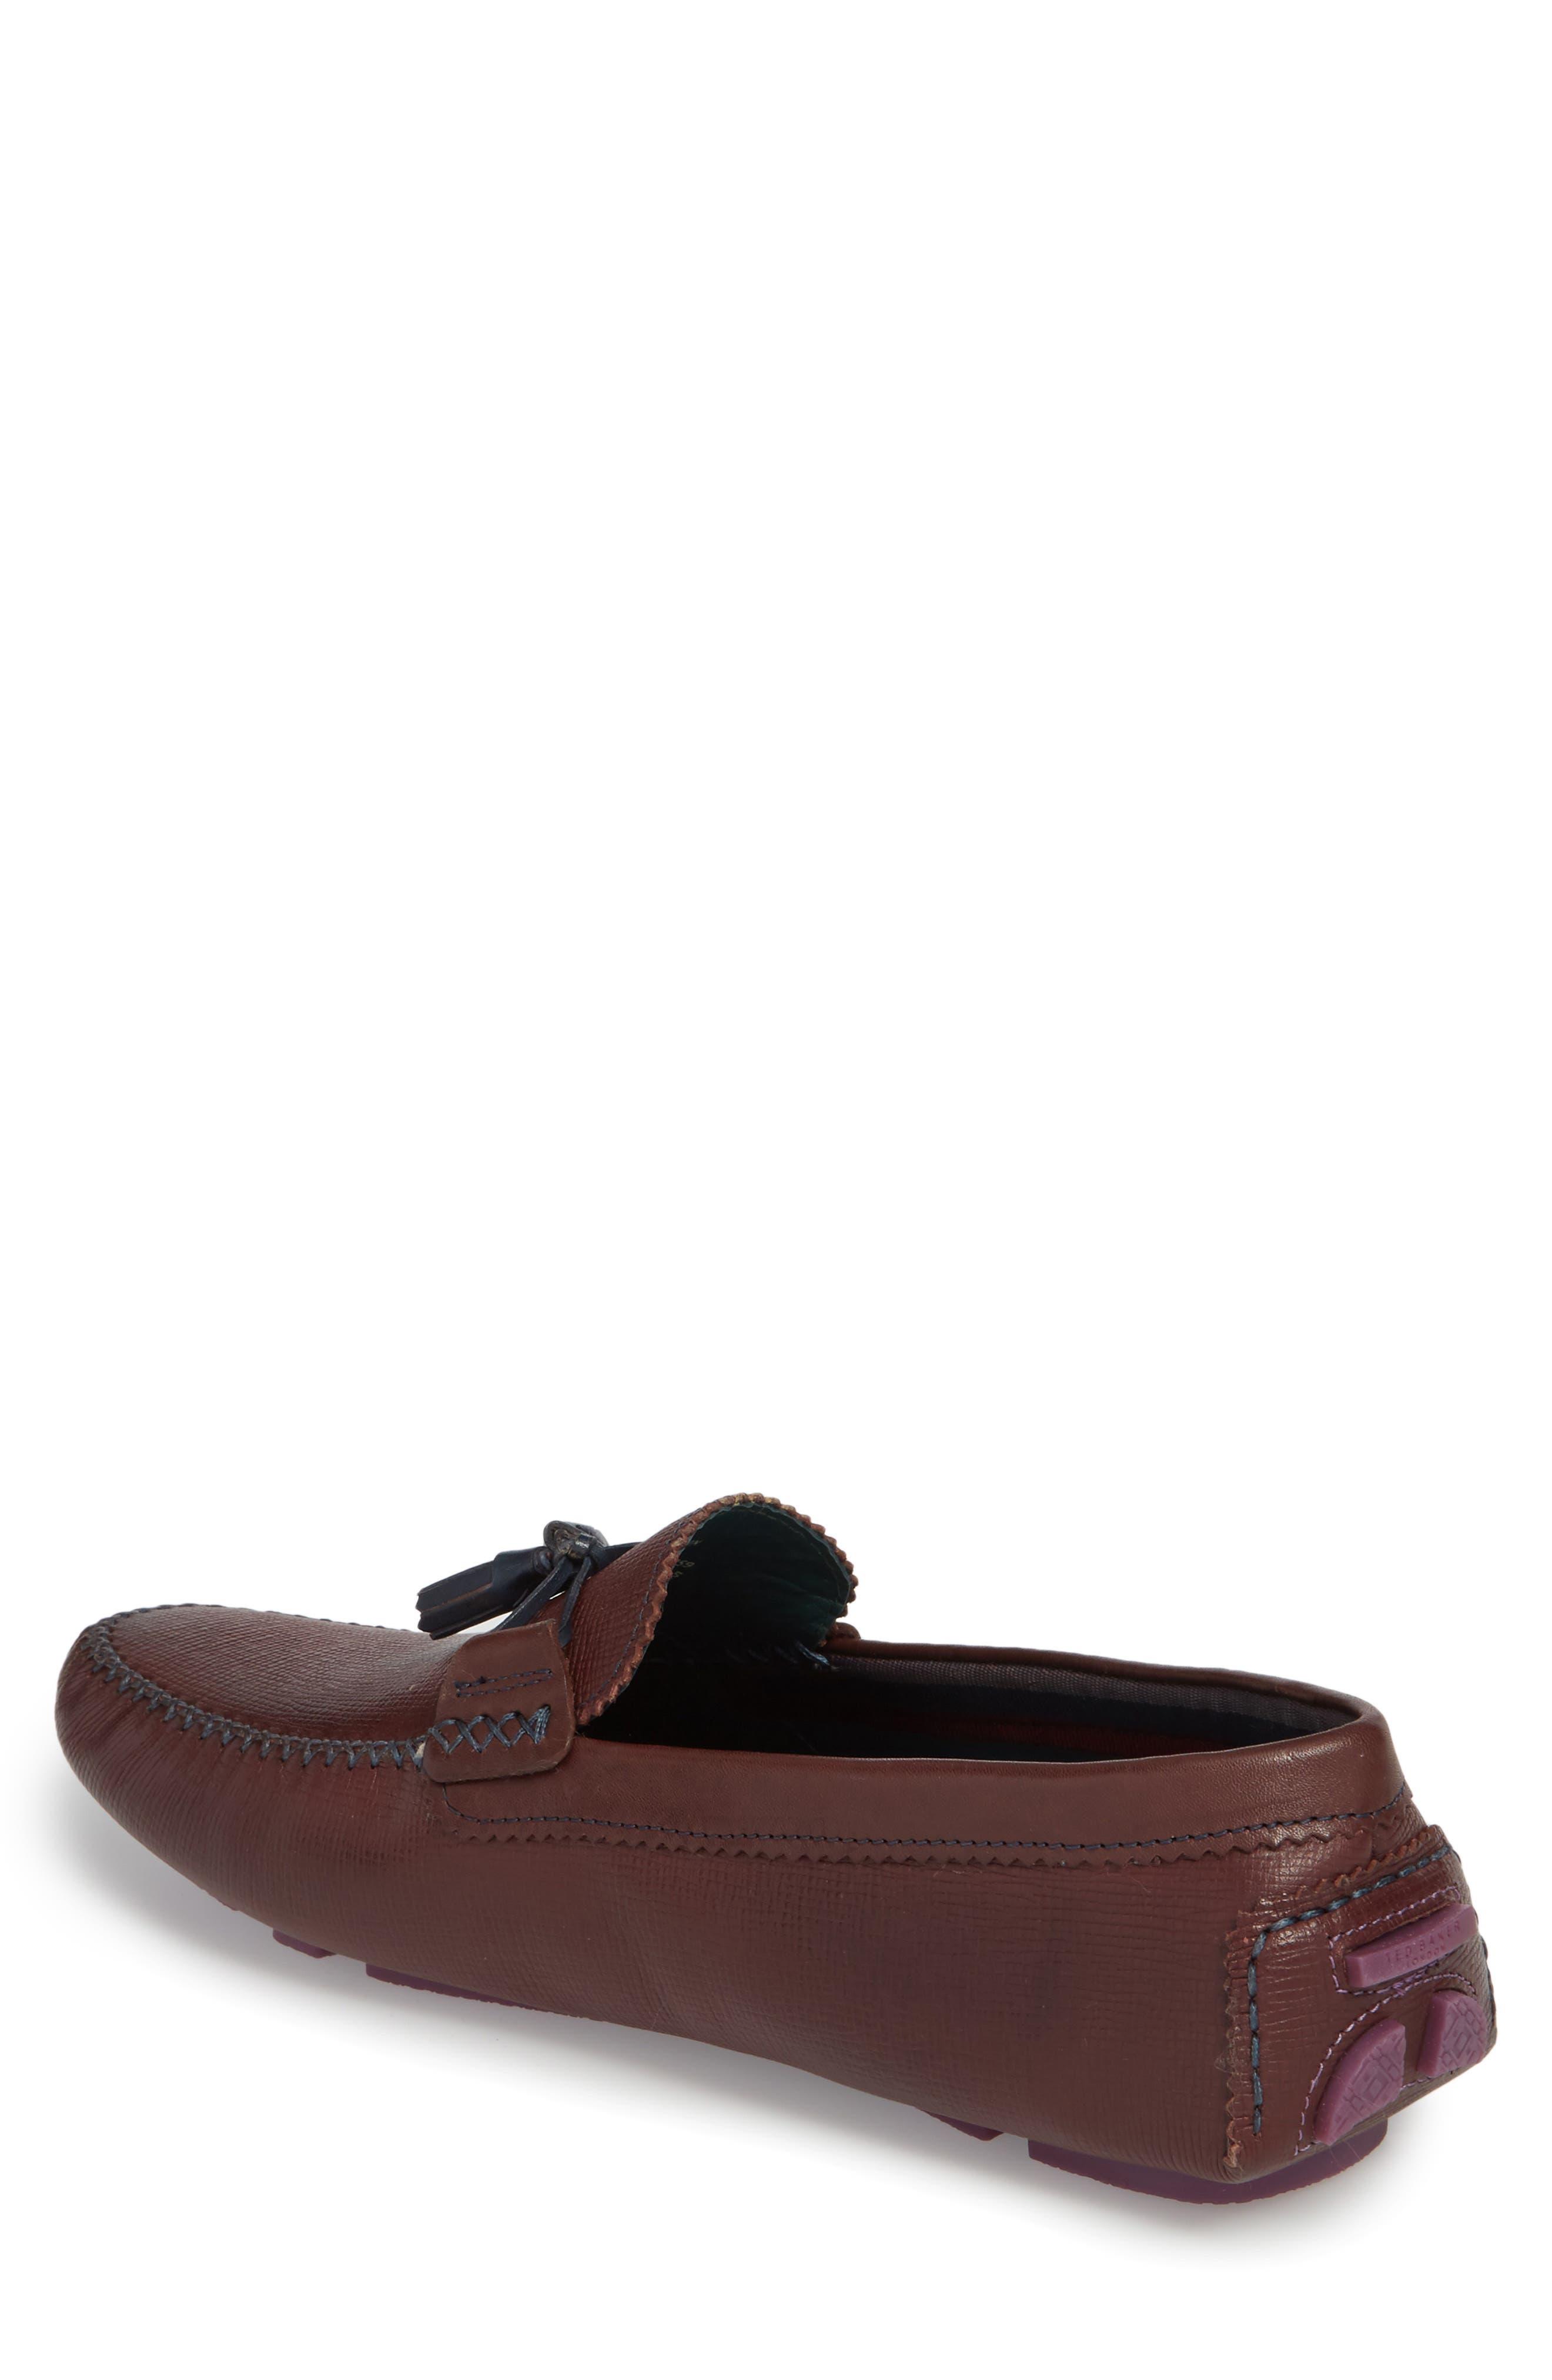 Urbonn Tasseled Driving Loafer,                             Alternate thumbnail 4, color,